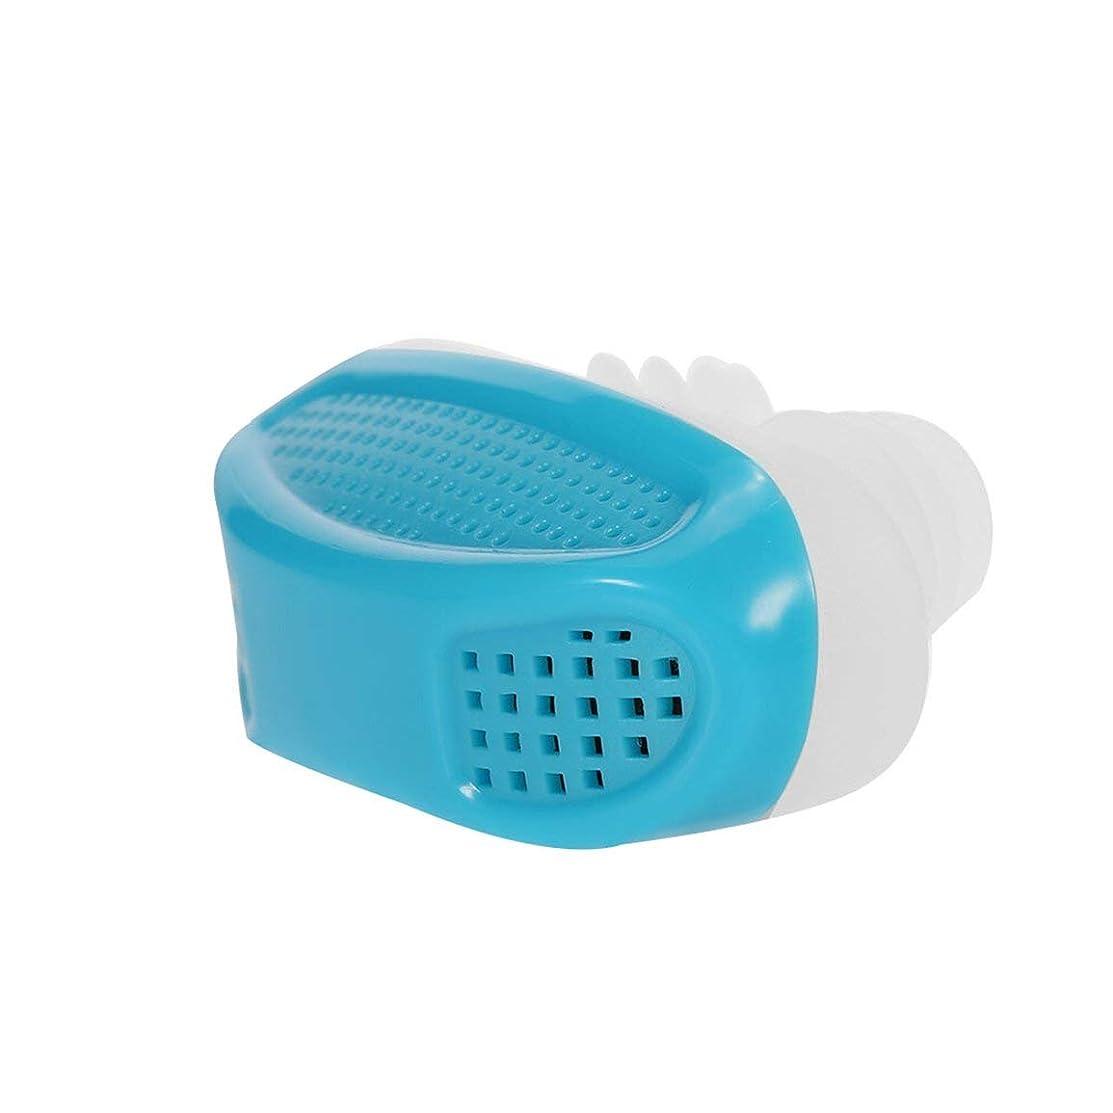 露満足できる魅惑的な1に付き2つの健康の抗いびき及び空気清浄器は鼻の混雑のいびき装置の換気の抗いびきの鼻クリップ - 青を和らげます